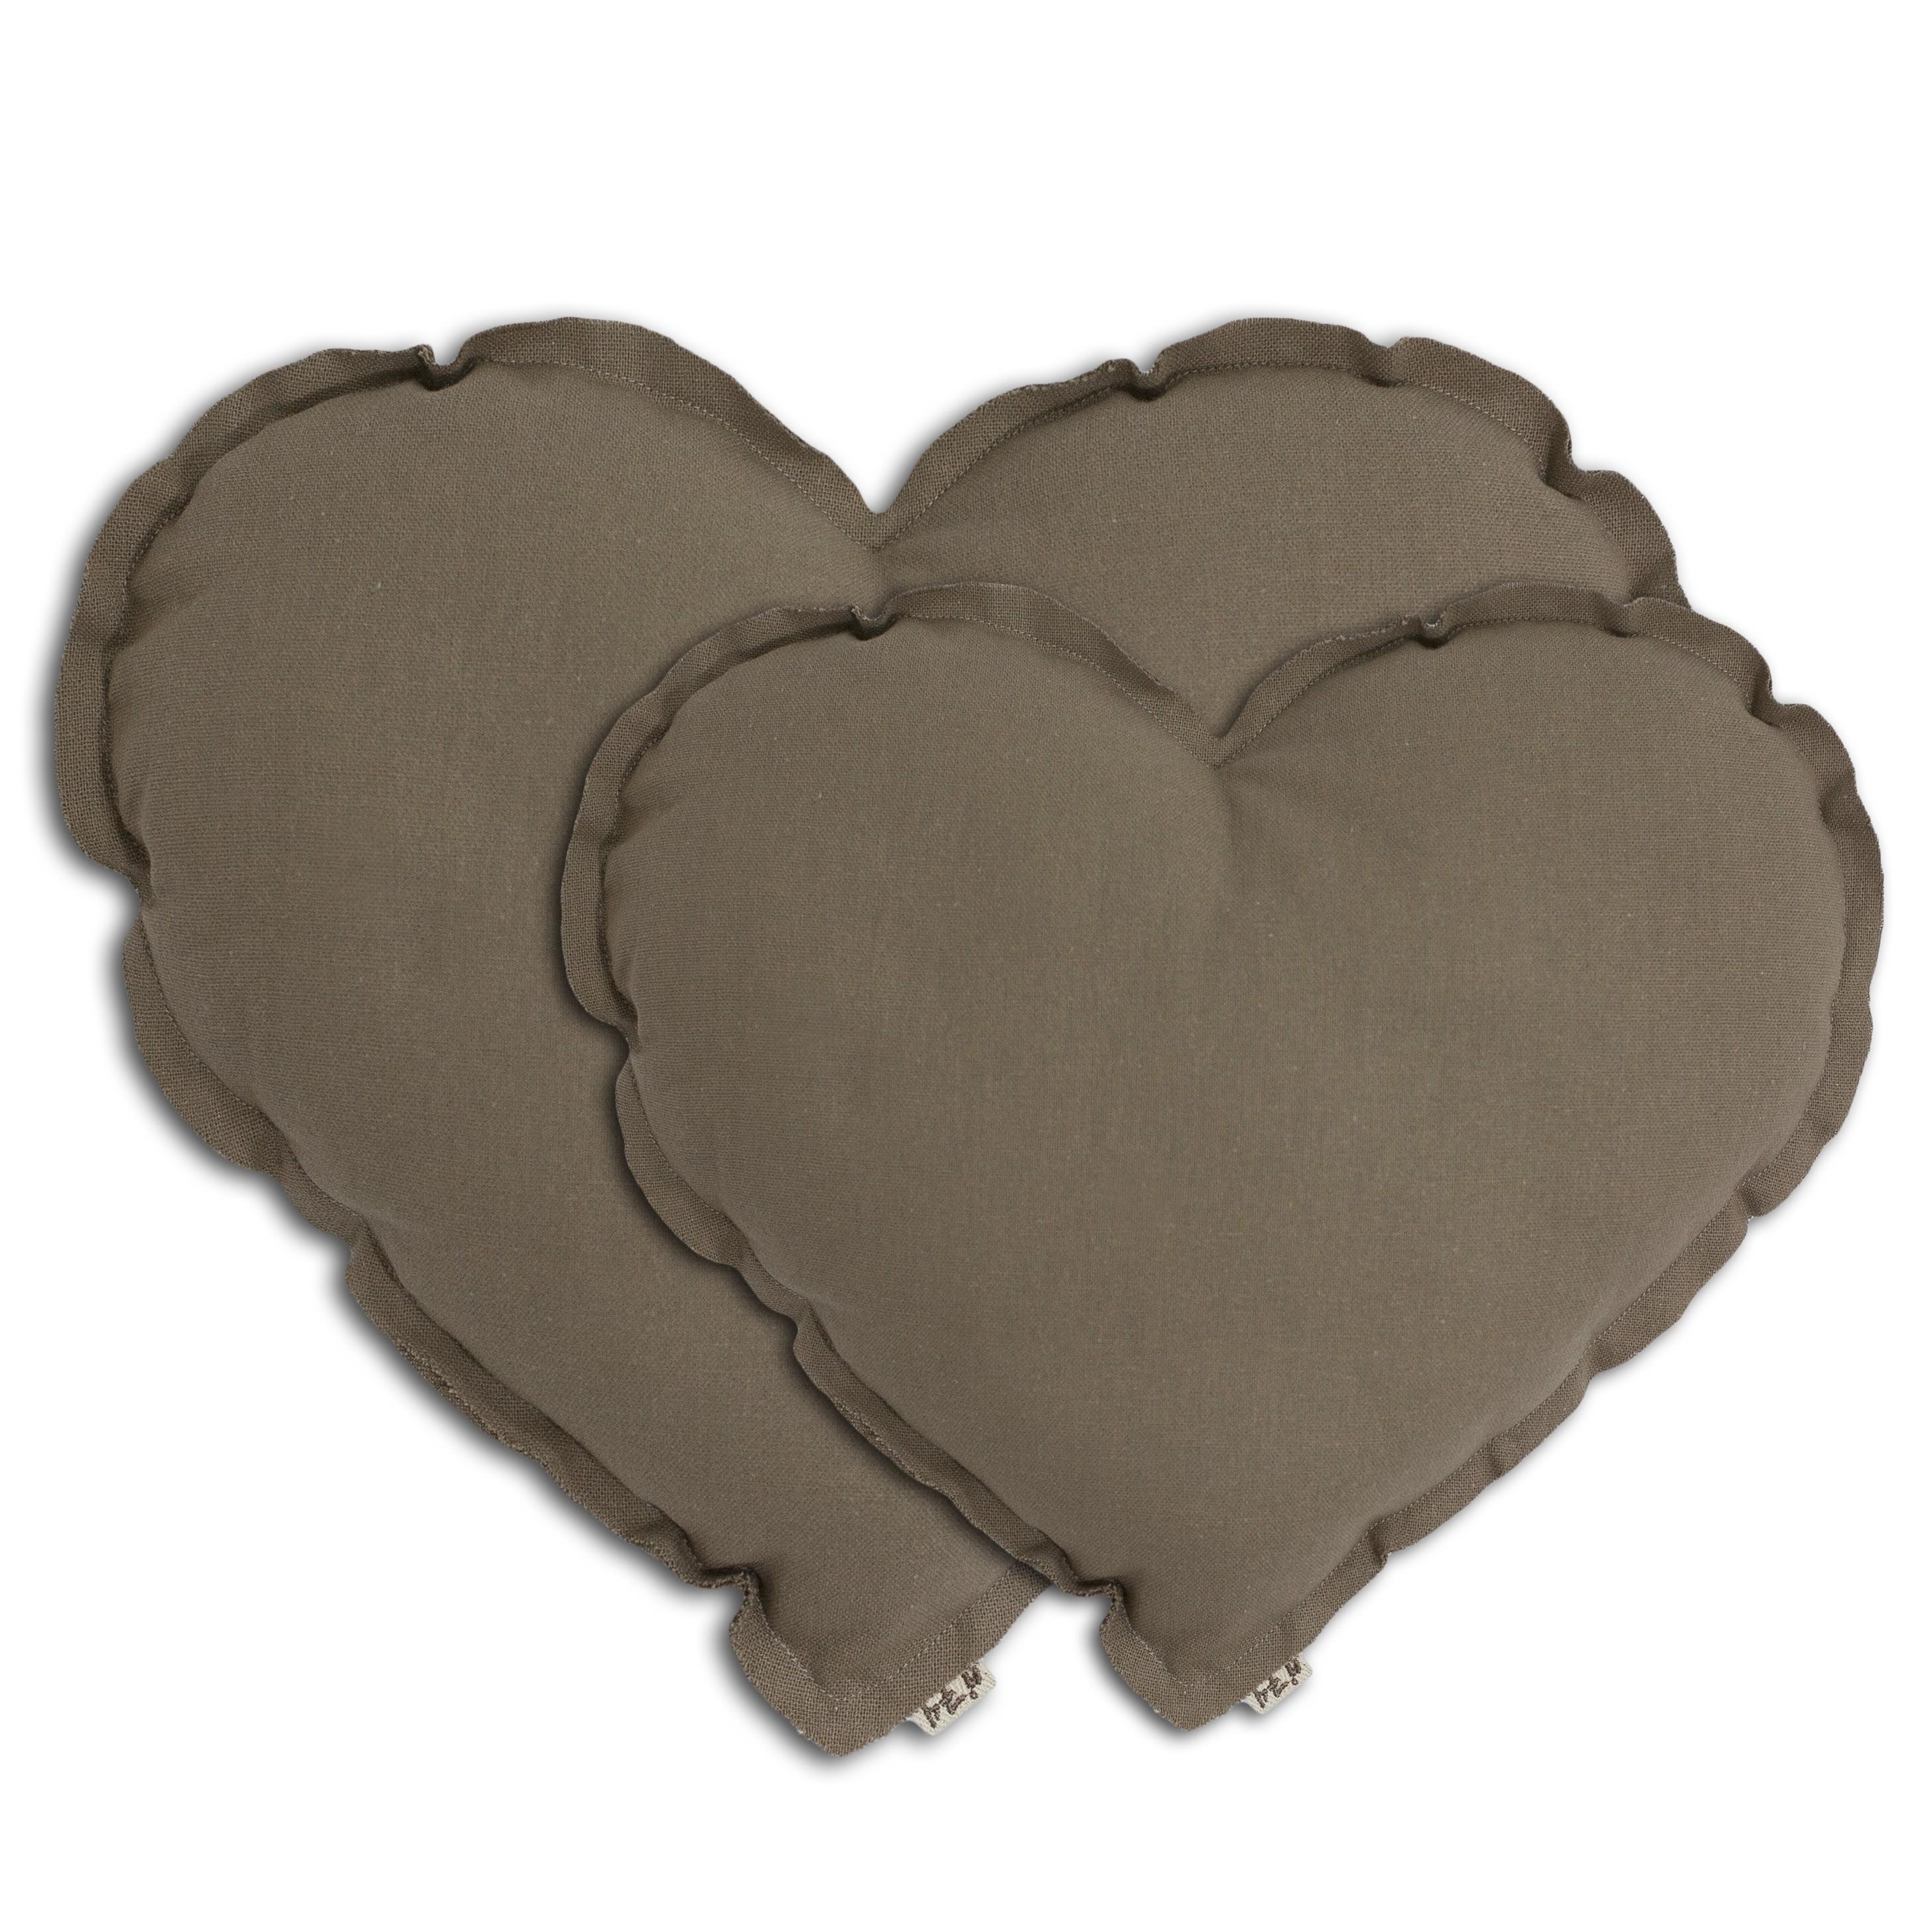 Poduszka Serce Heart Cushion beige beżowa